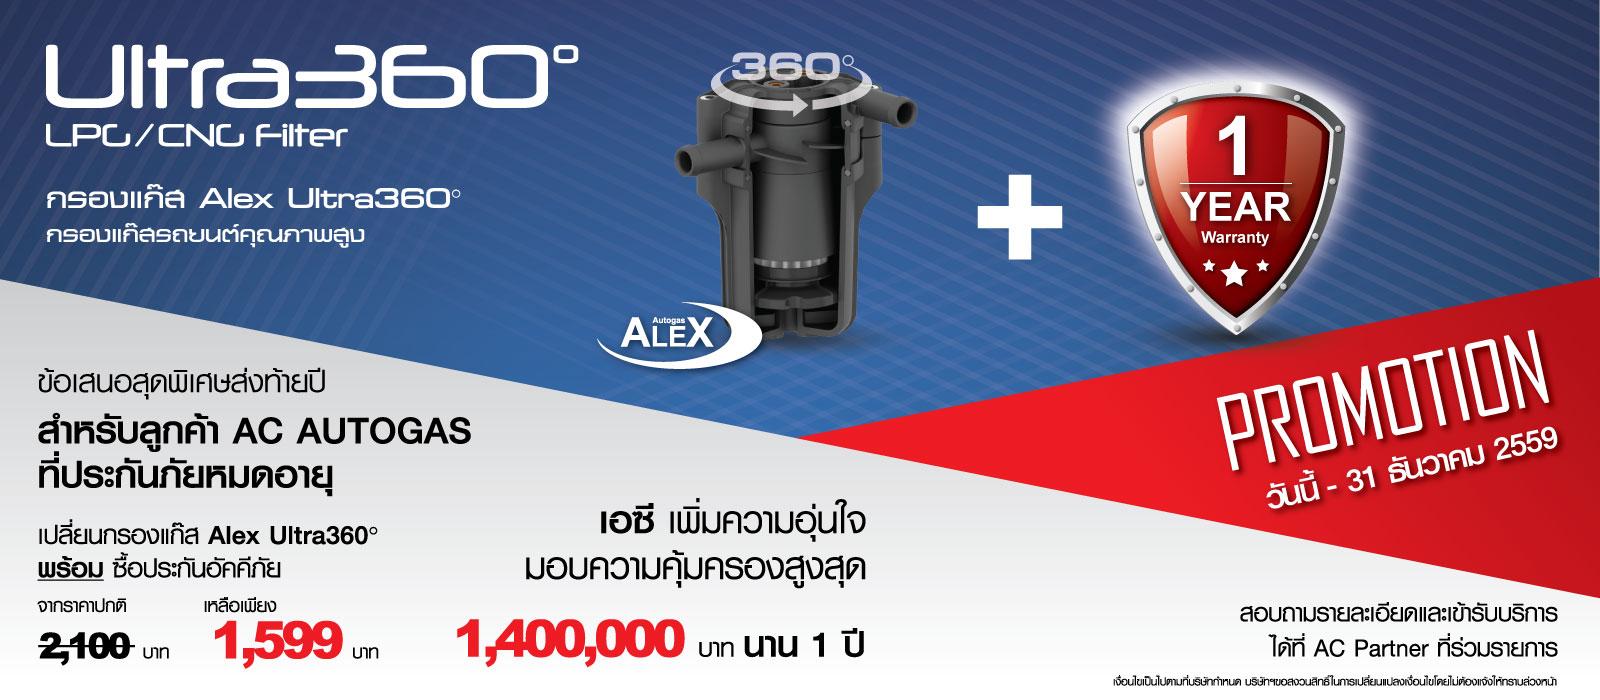 โปรโมชั่น กรองแก๊ส AC Ultra360 พร้อมประกันอัคคีภัย